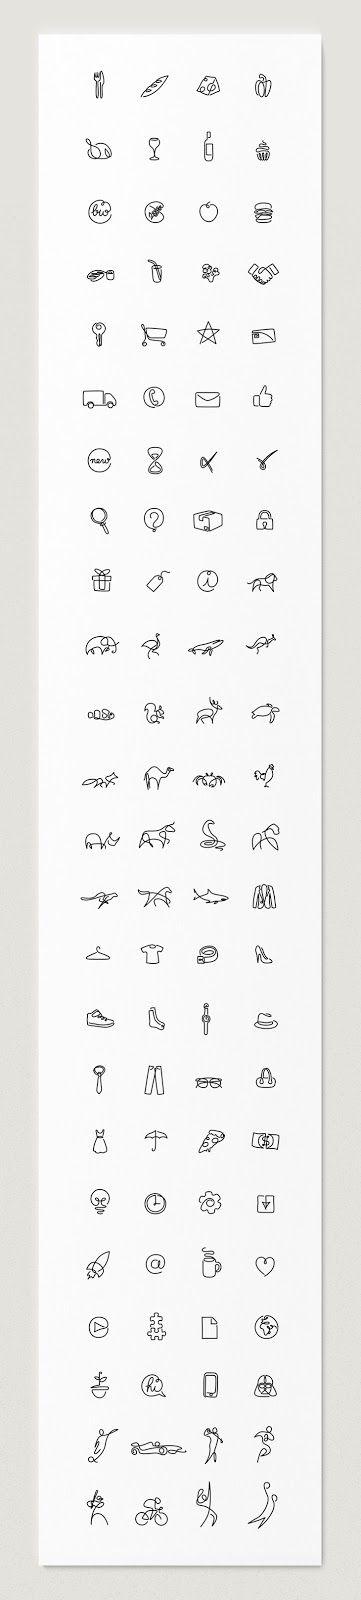 One Line Art, Seni Menggambar Sederhana namun Keren yang Patut untuk Dicoba - arid5ign   Tutorial Desain Grafis   Adobe Photoshop, Illustrator, CorelDraw